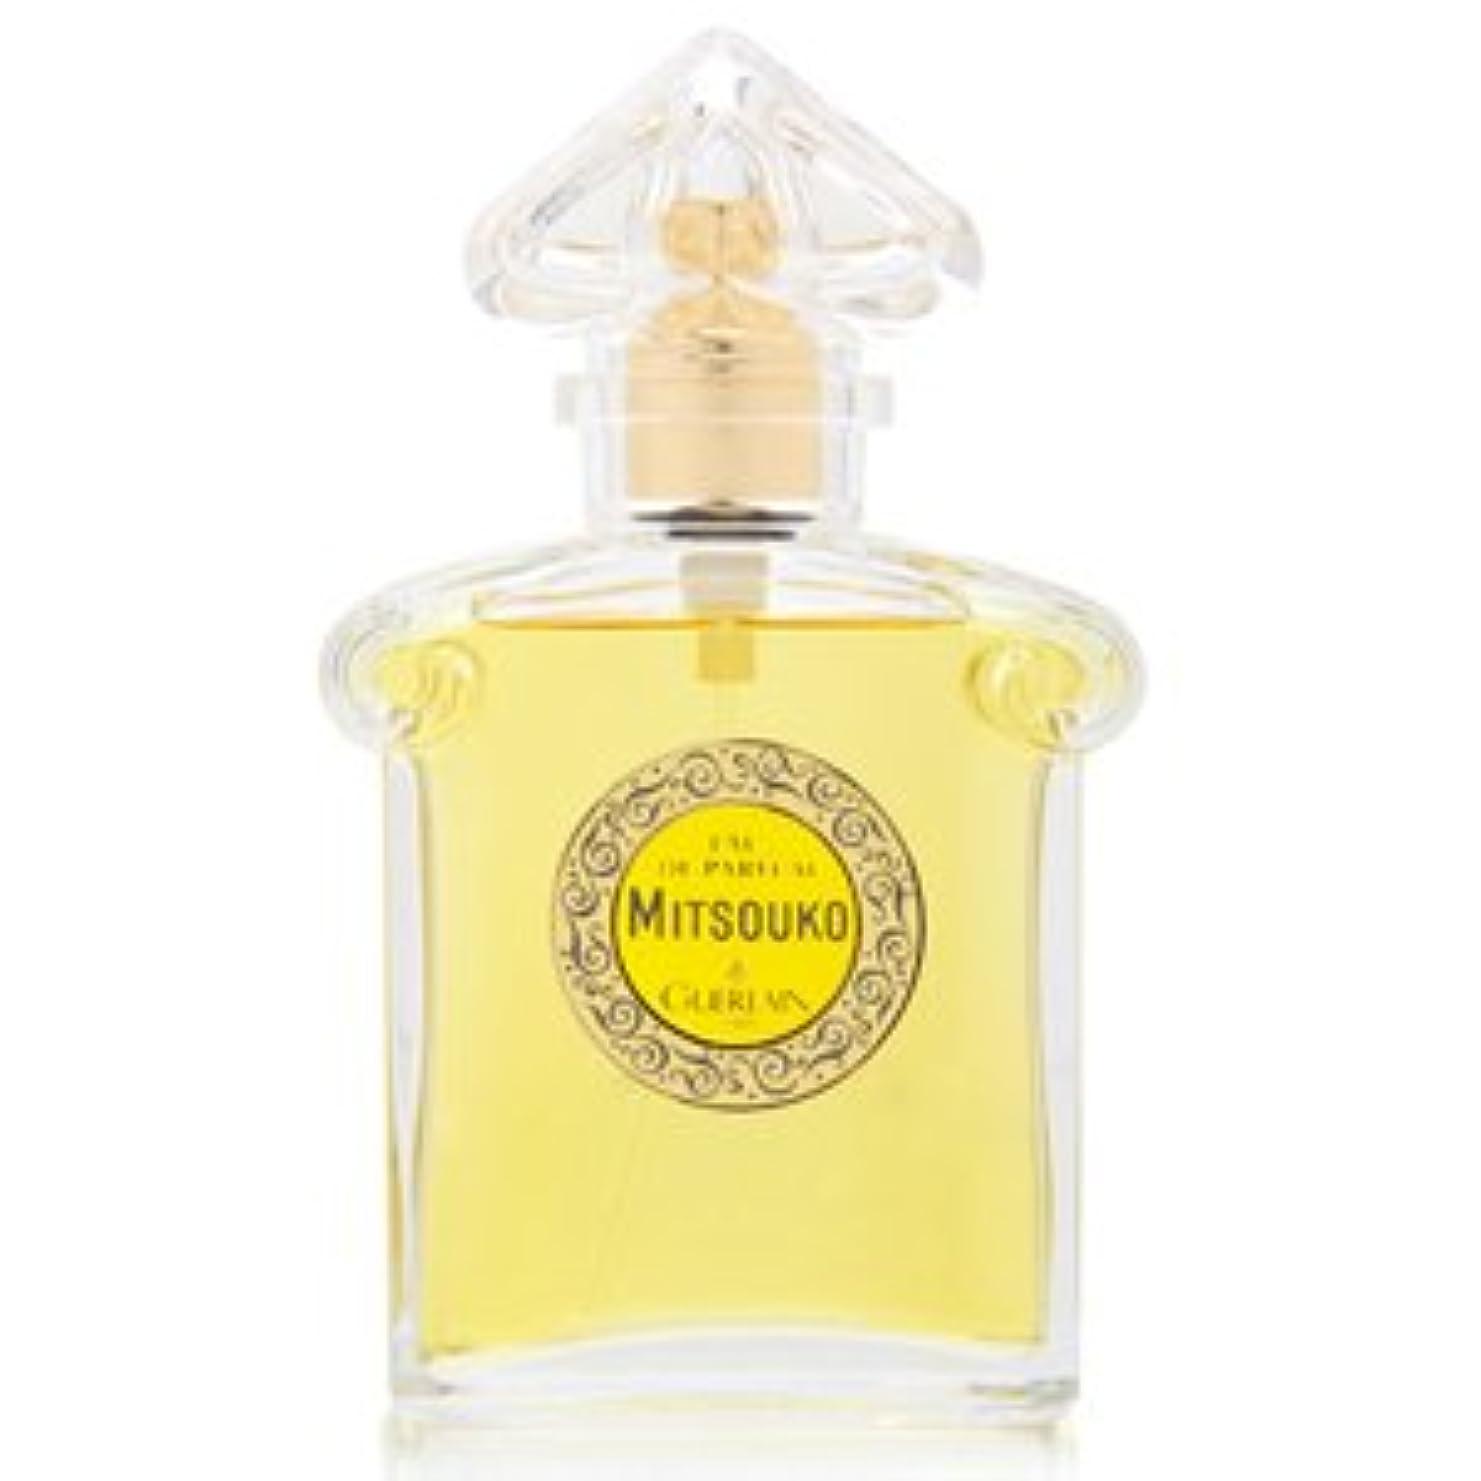 【ゲラン 香水】ゲラン ミツコ 75ml EDP